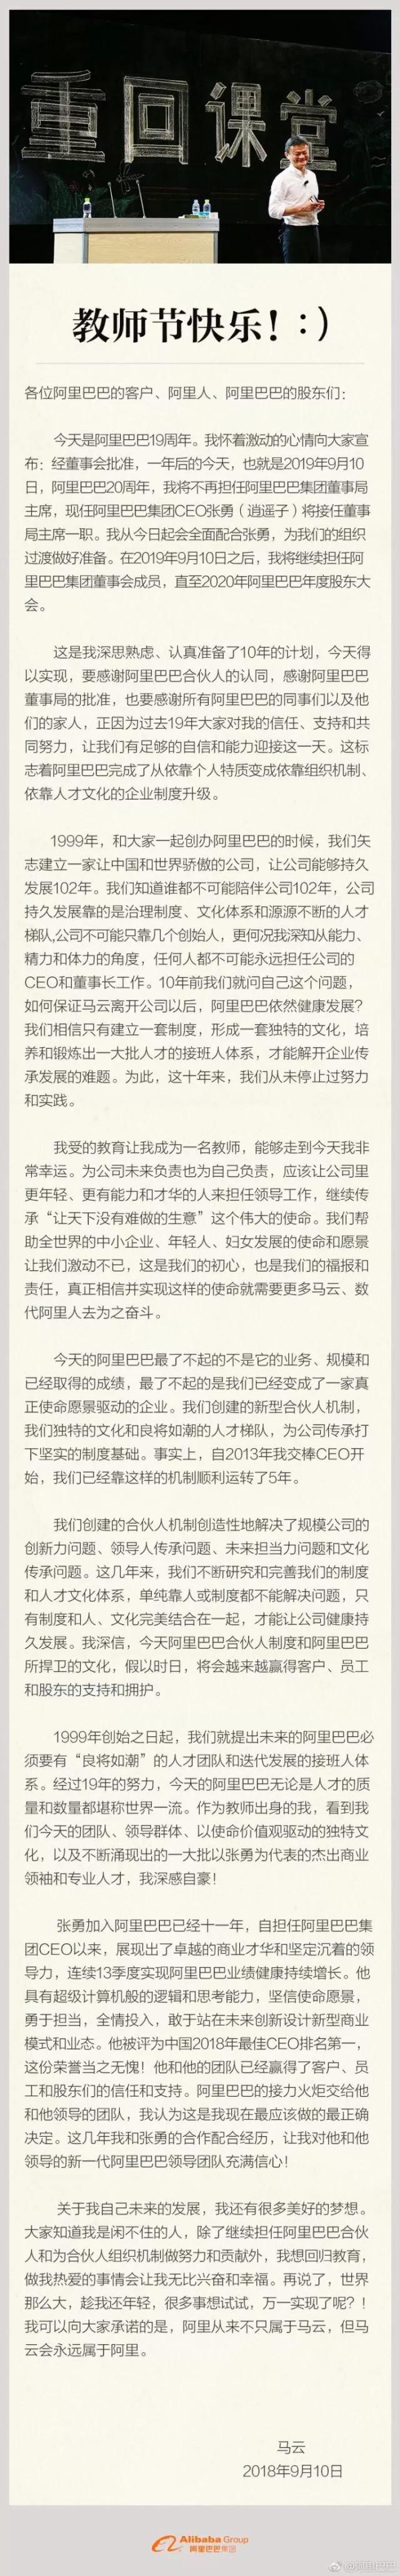 马云昔日公布,来岁的昔日他将退出集团董事局主席